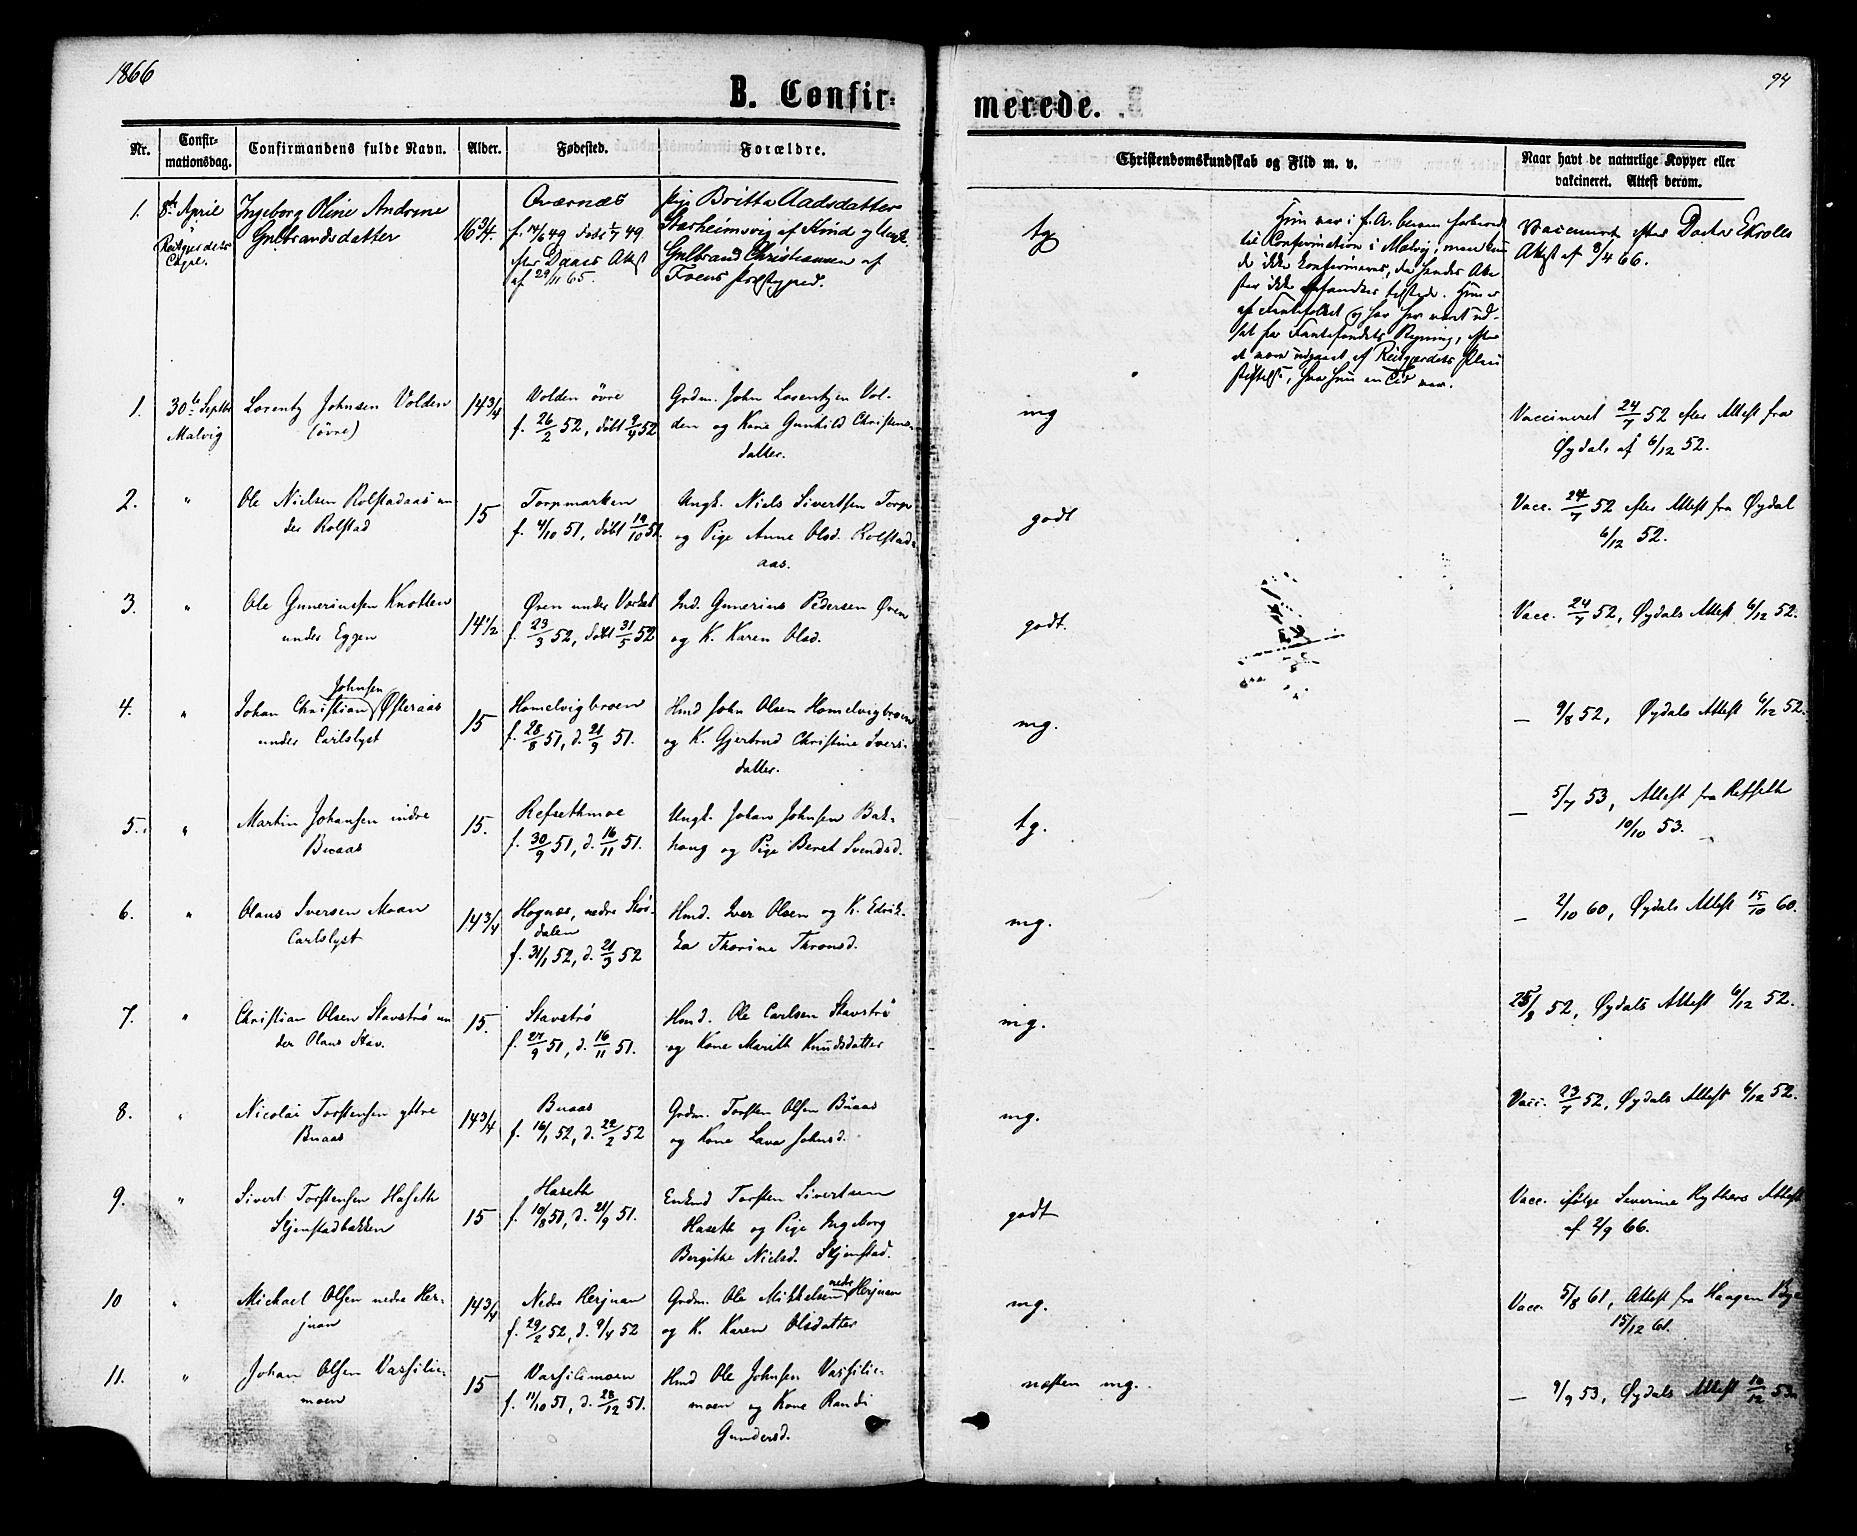 SAT, Ministerialprotokoller, klokkerbøker og fødselsregistre - Sør-Trøndelag, 616/L0409: Ministerialbok nr. 616A06, 1865-1877, s. 94